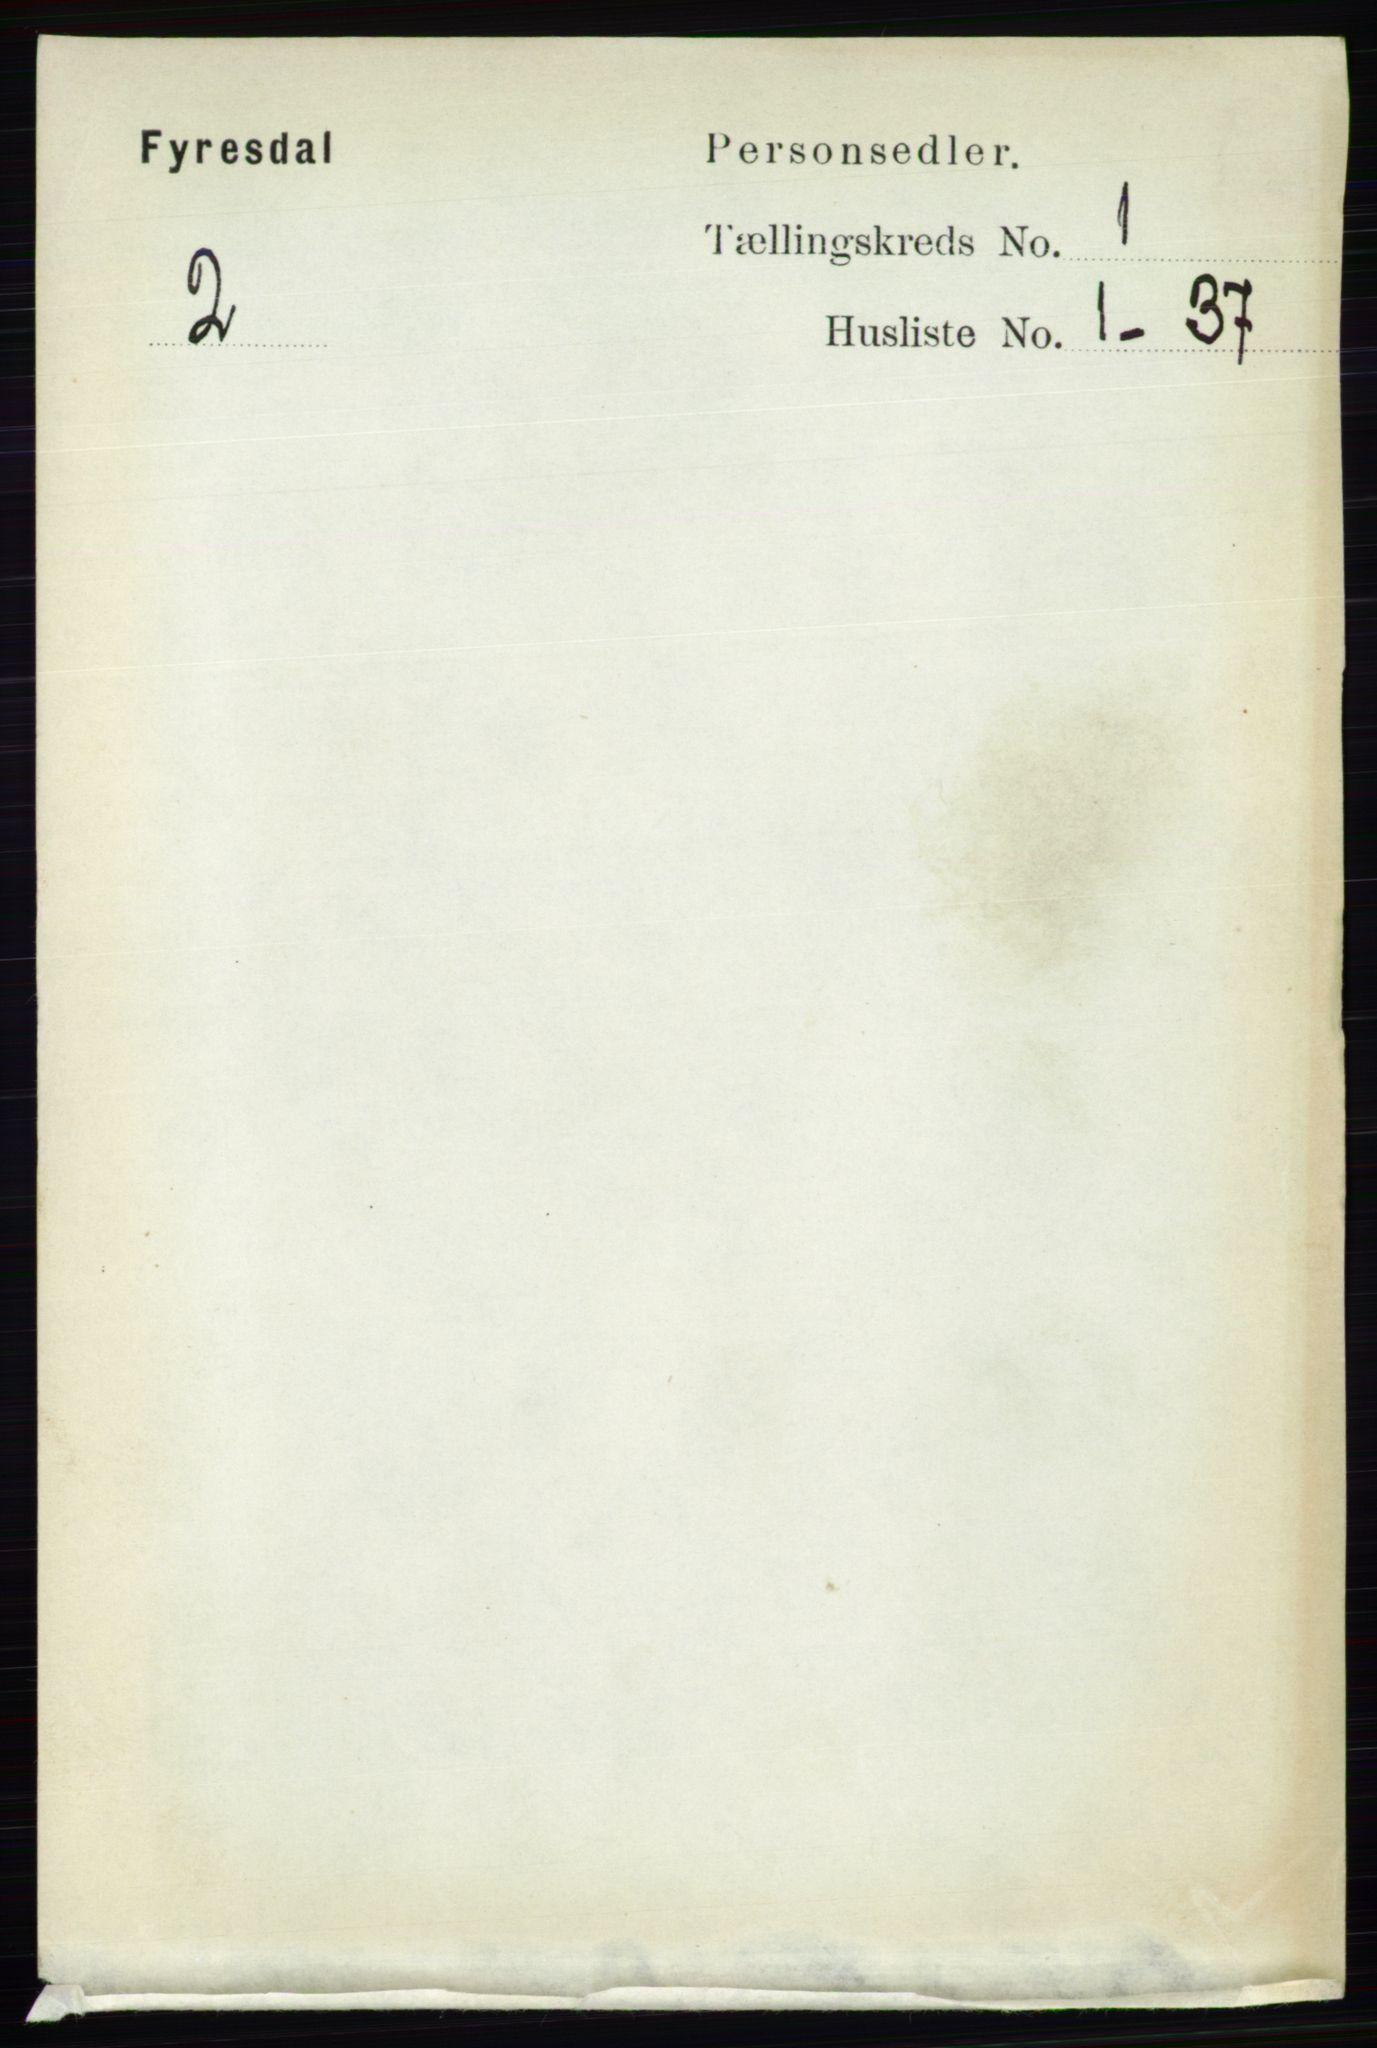 RA, Folketelling 1891 for 0831 Fyresdal herred, 1891, s. 62